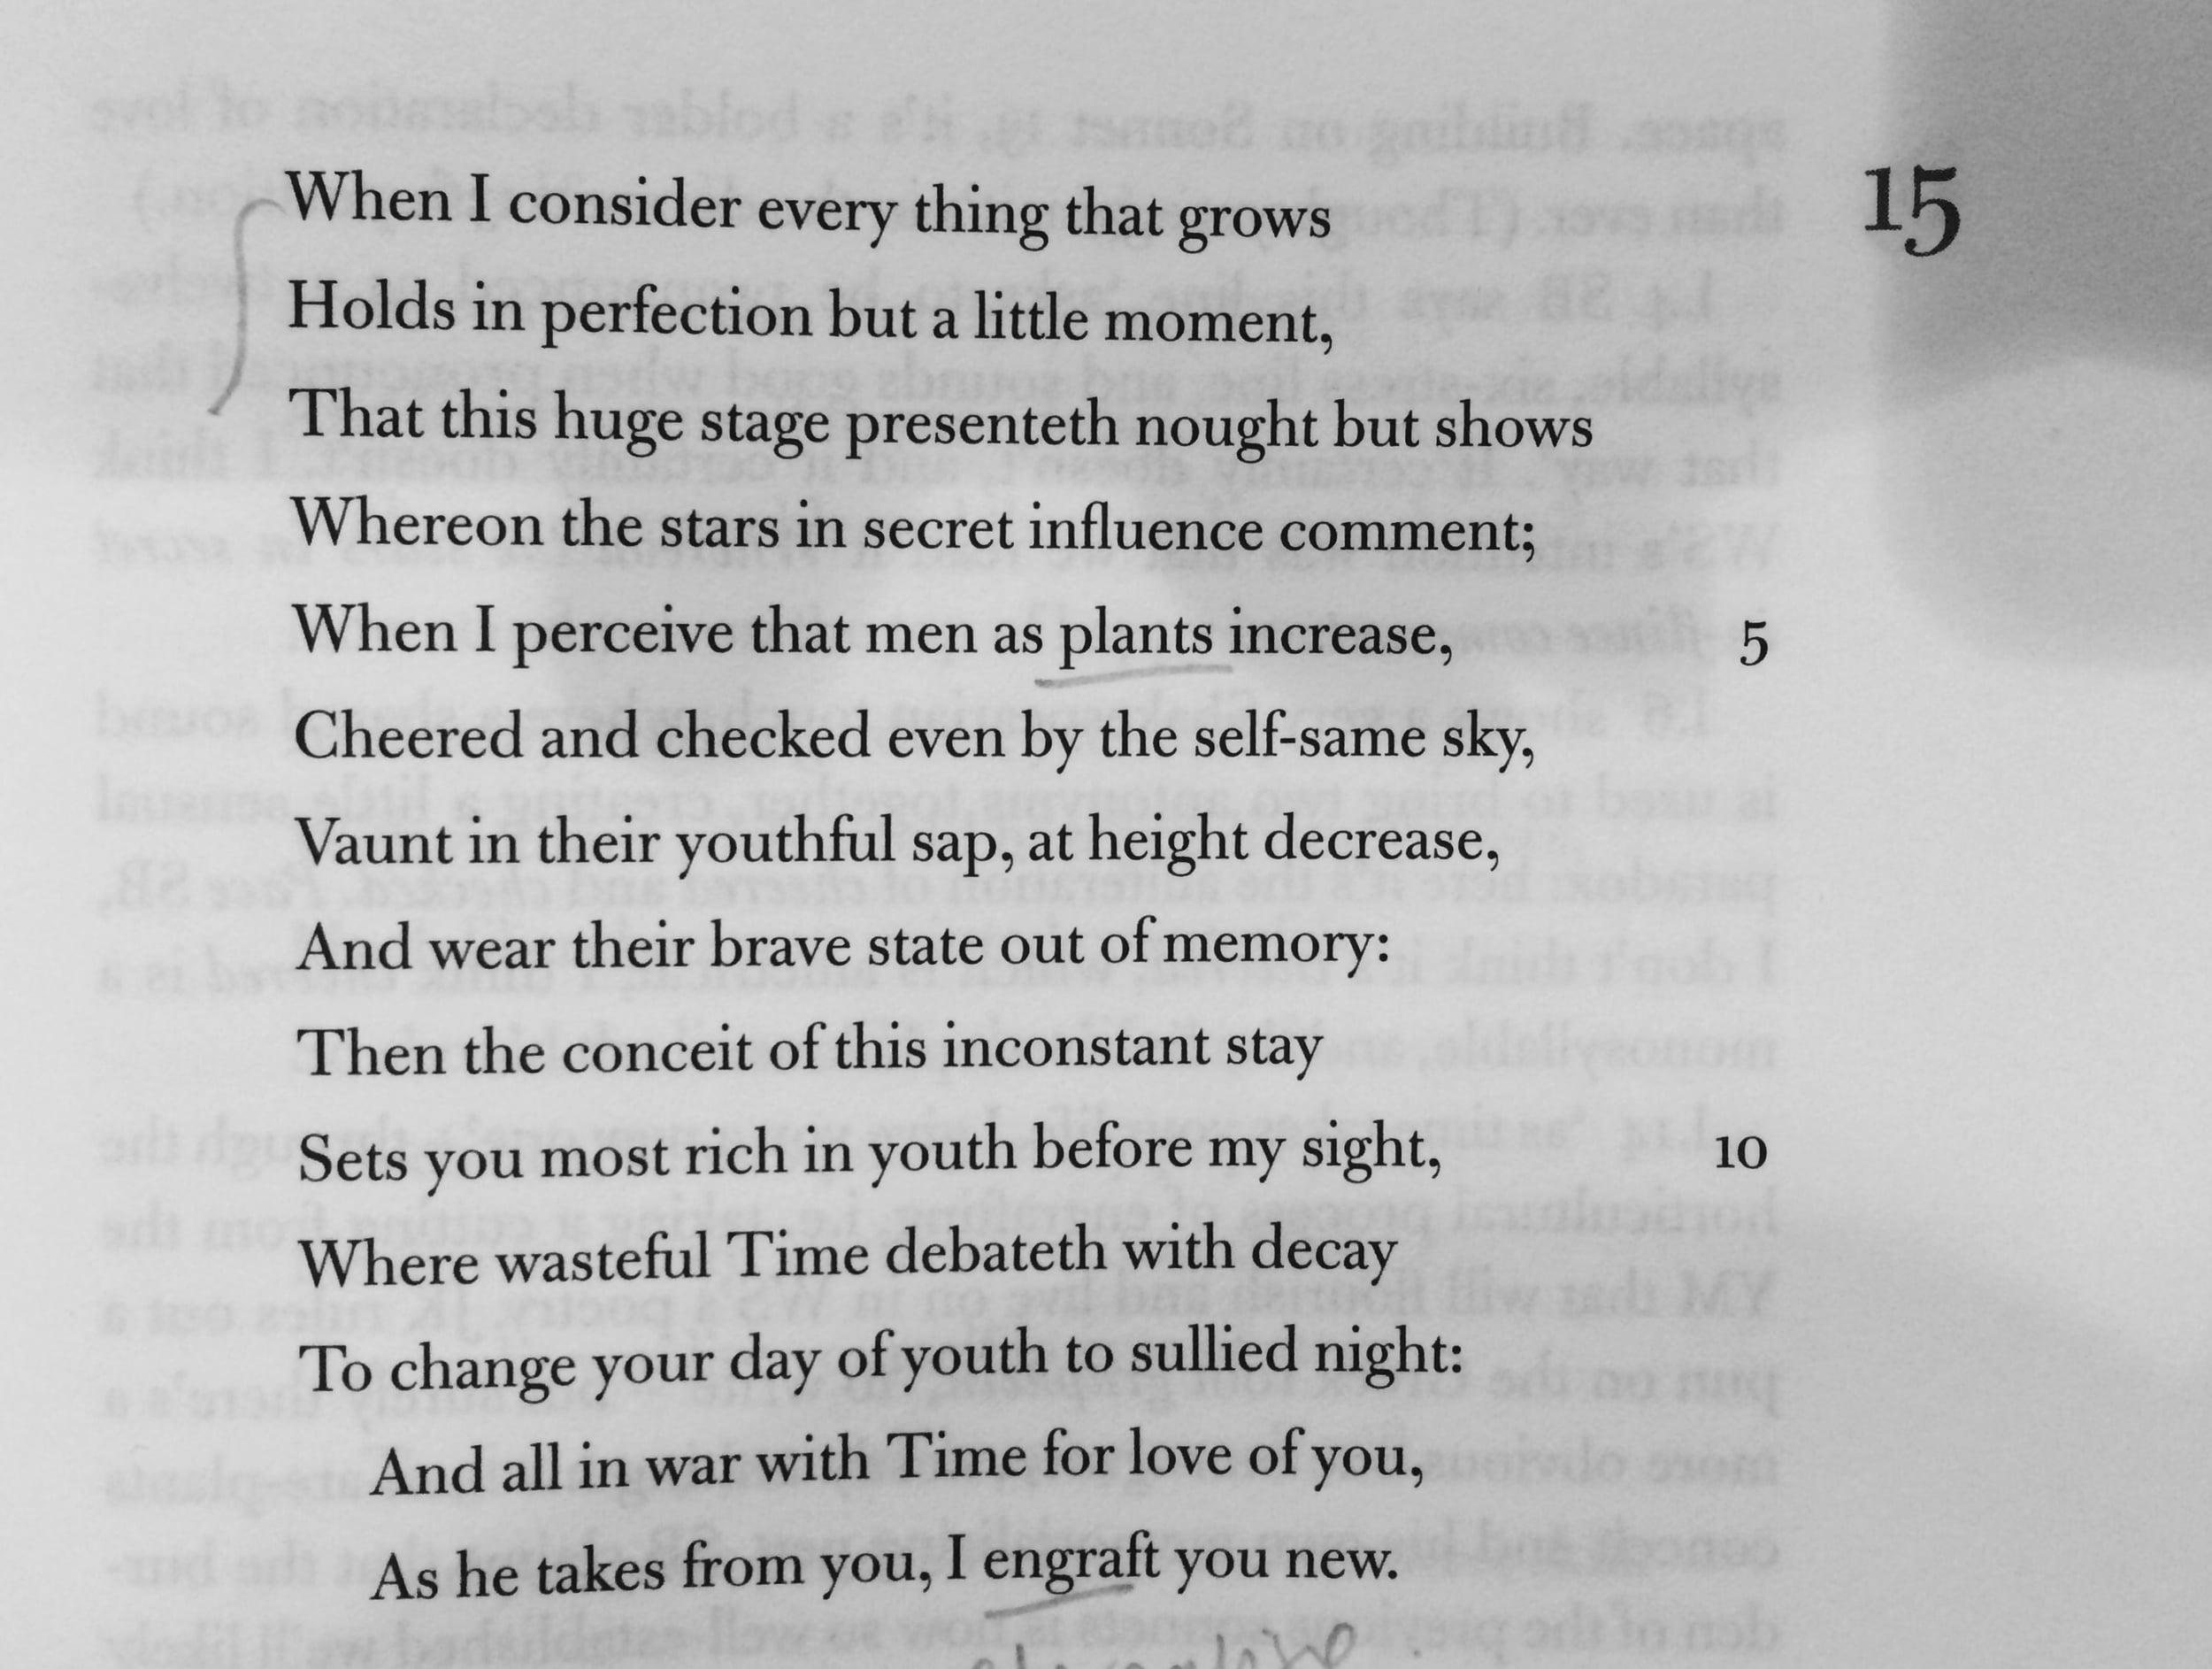 Sonnet 15.